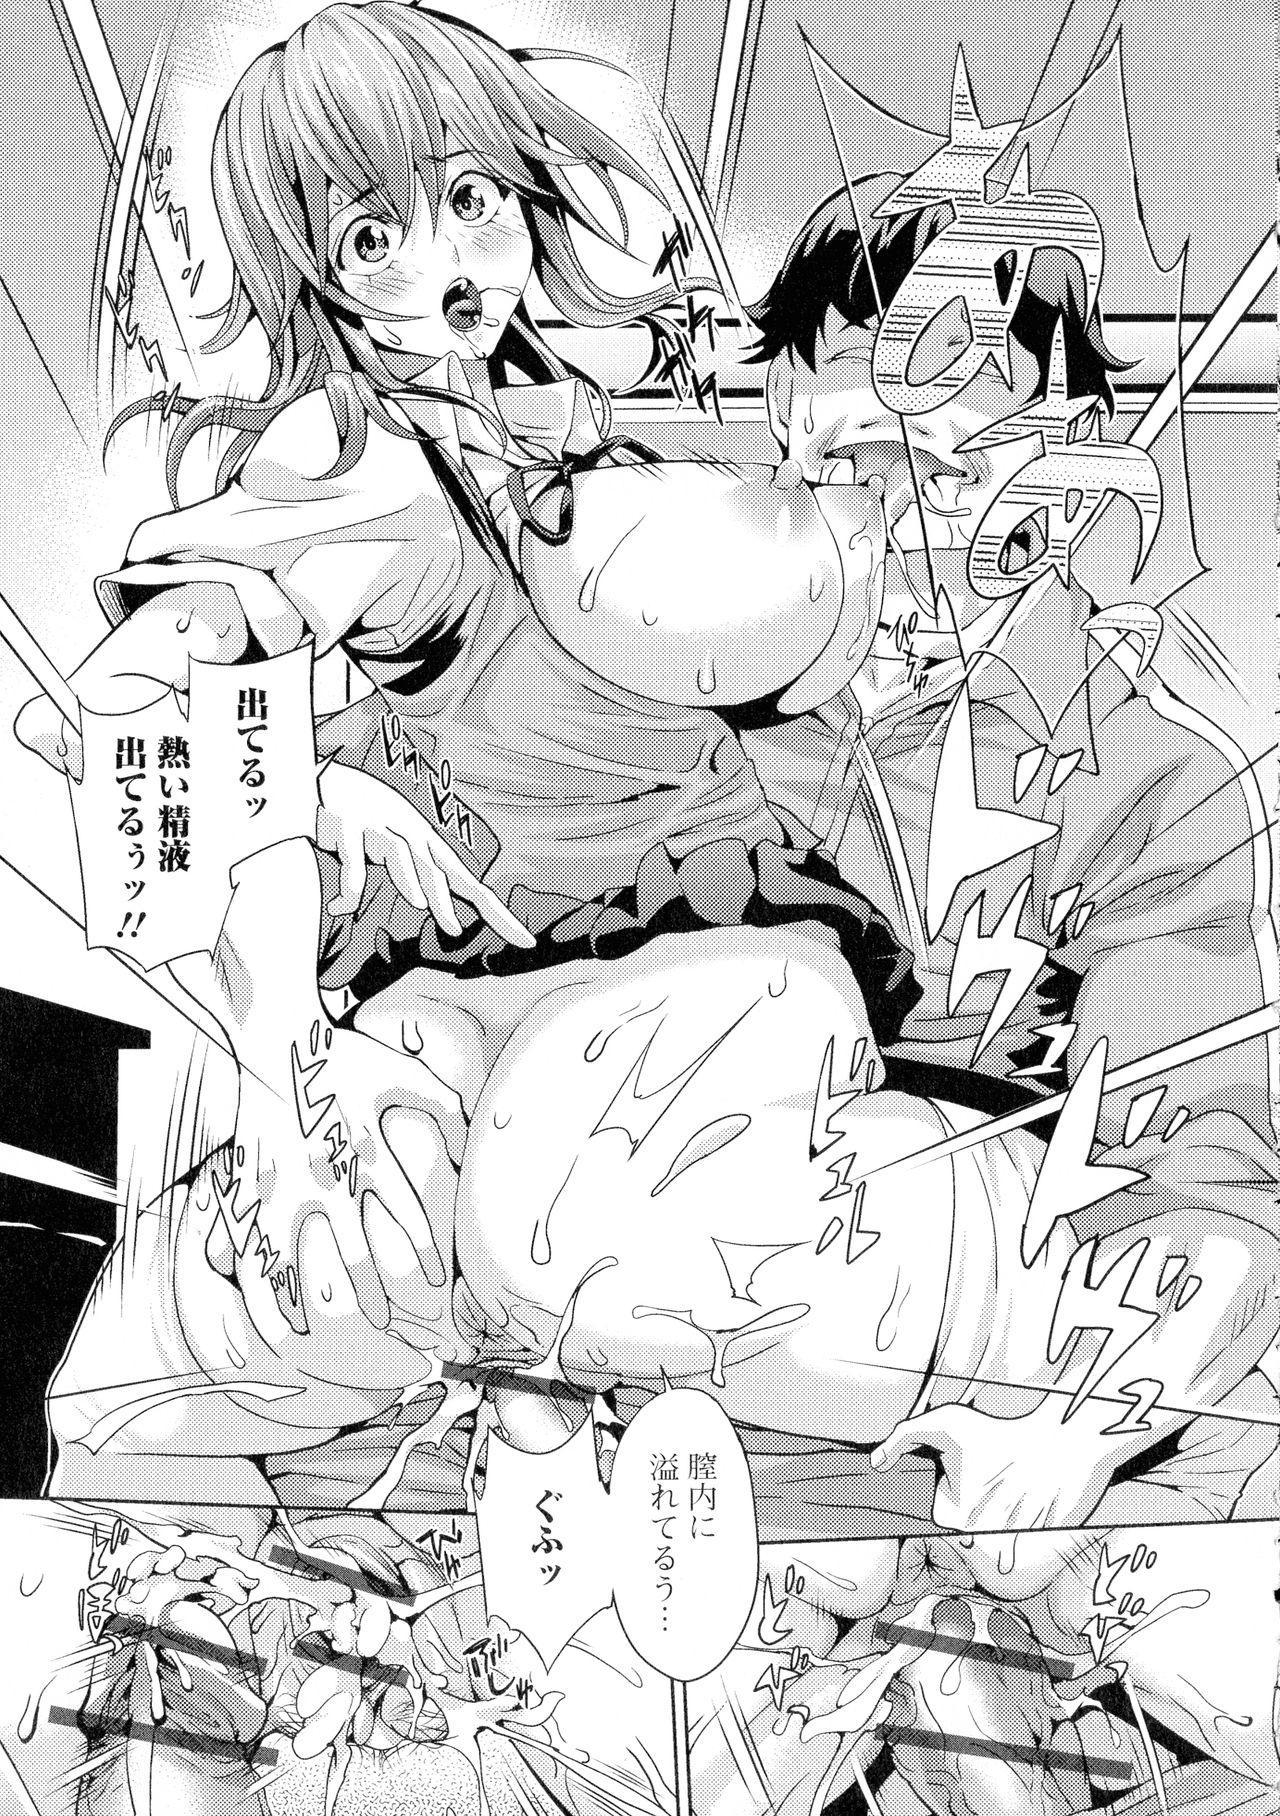 Futanari Tsunagari - Androgynos Sexual intercourse 159